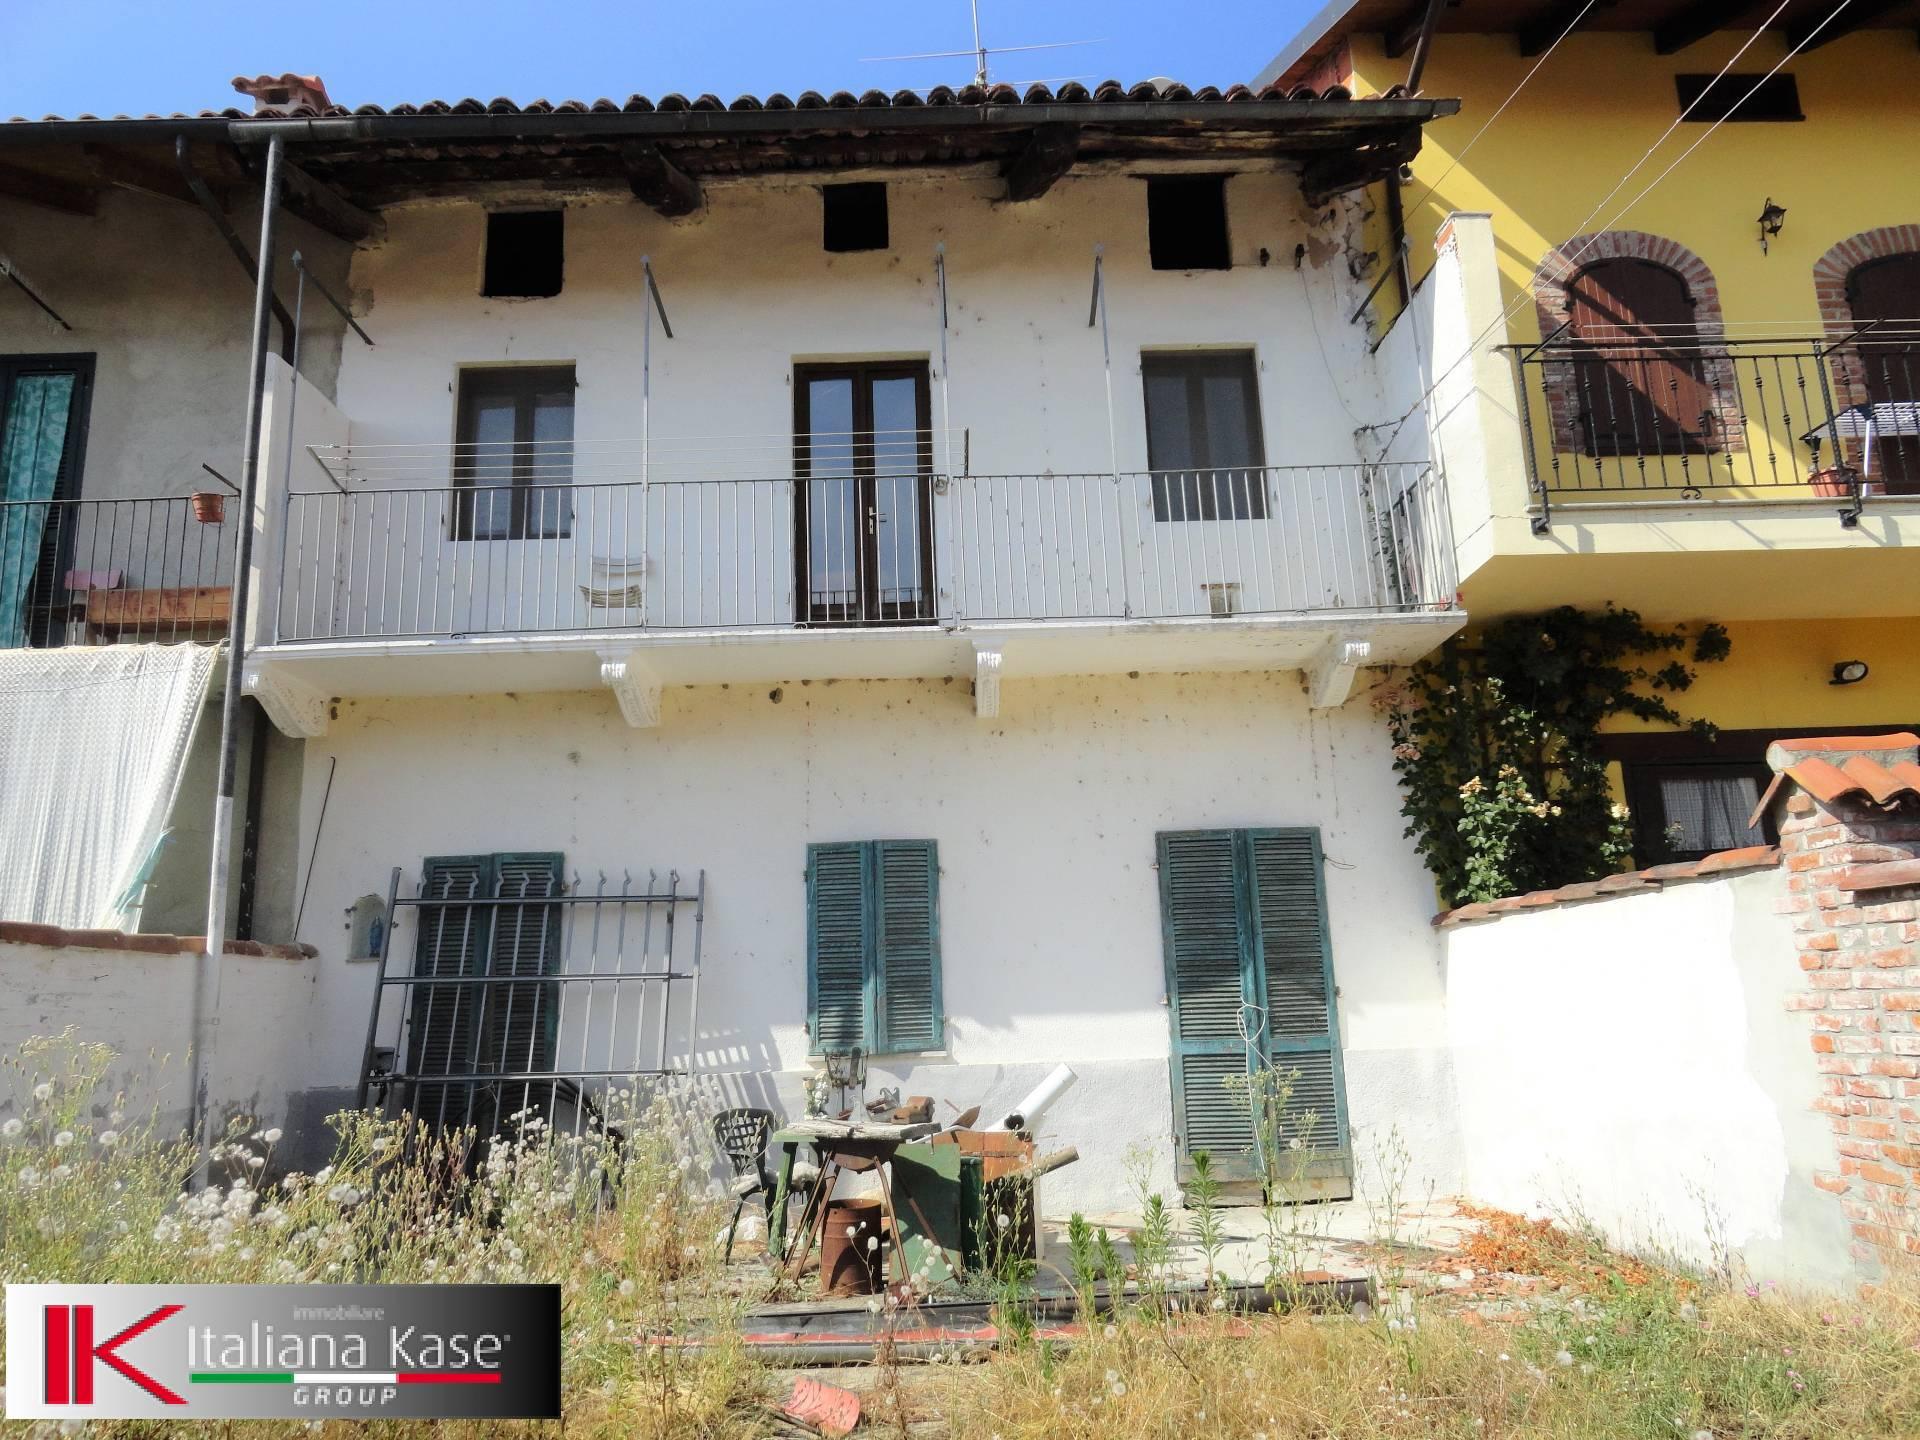 Soluzione Semindipendente in vendita a Mazzè, 4 locali, prezzo € 55.000 | PortaleAgenzieImmobiliari.it